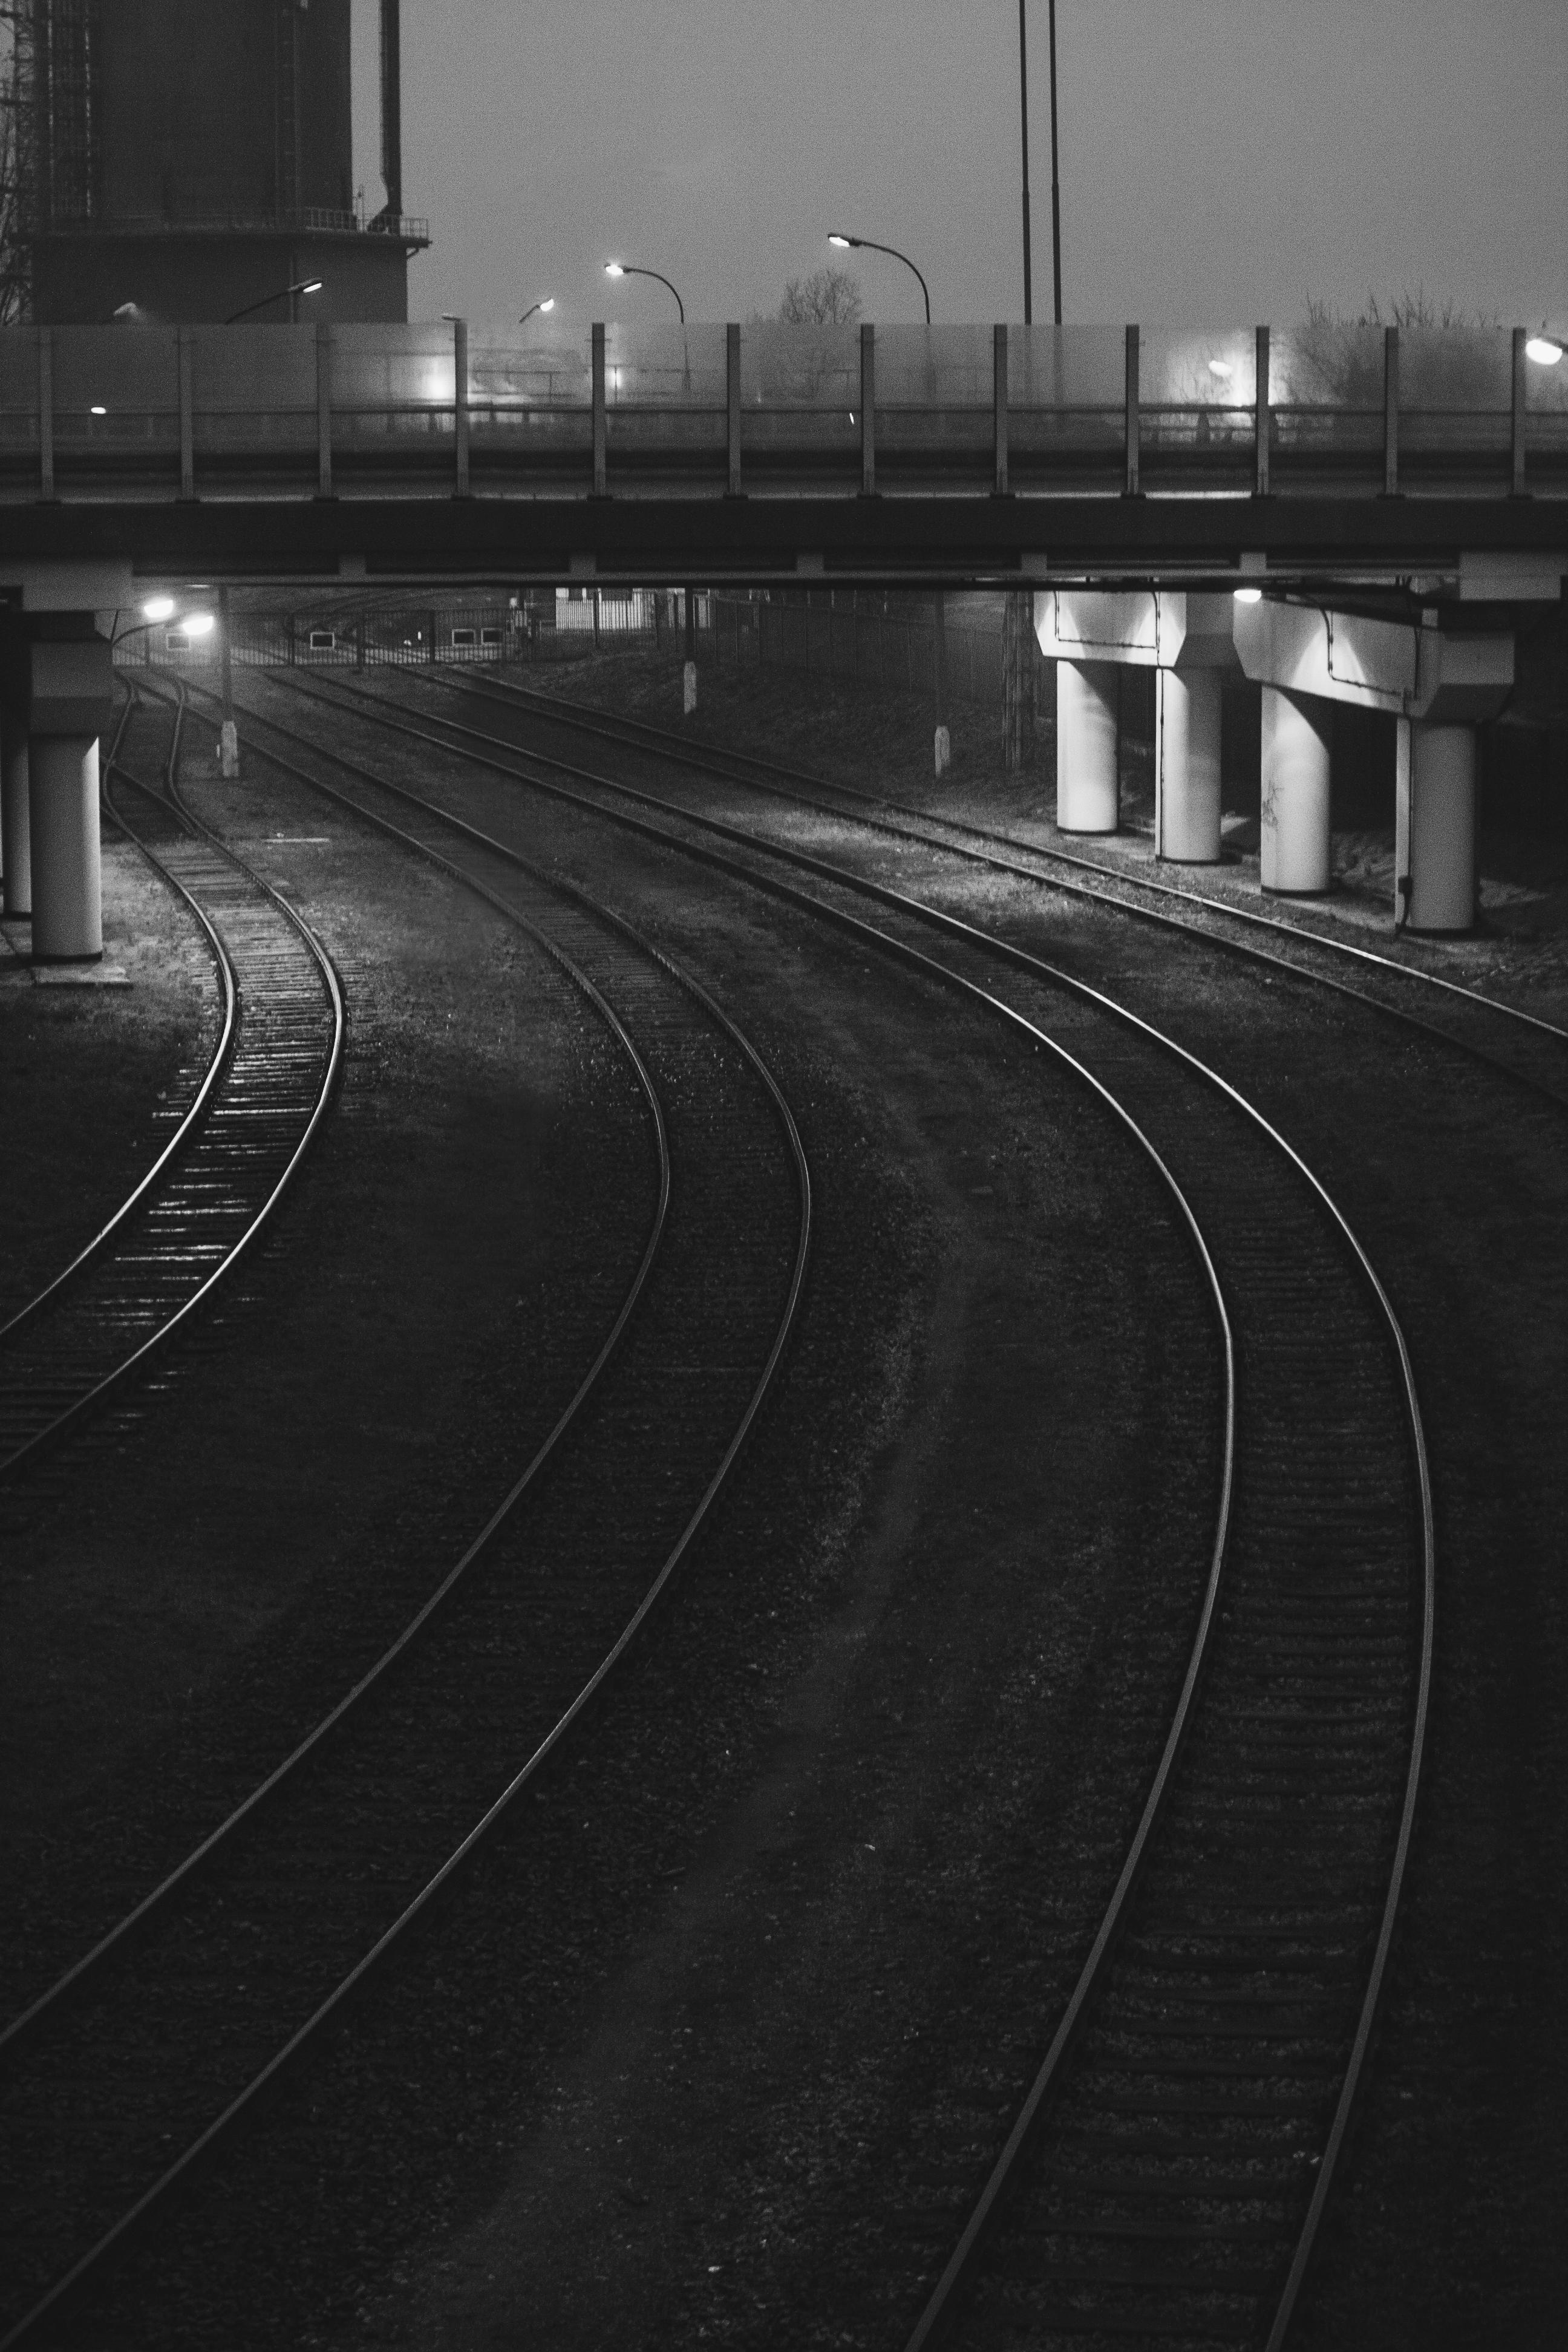 4400 Koleksi Gambar Hitam Putih Jalan Raya Gratis Terbaru